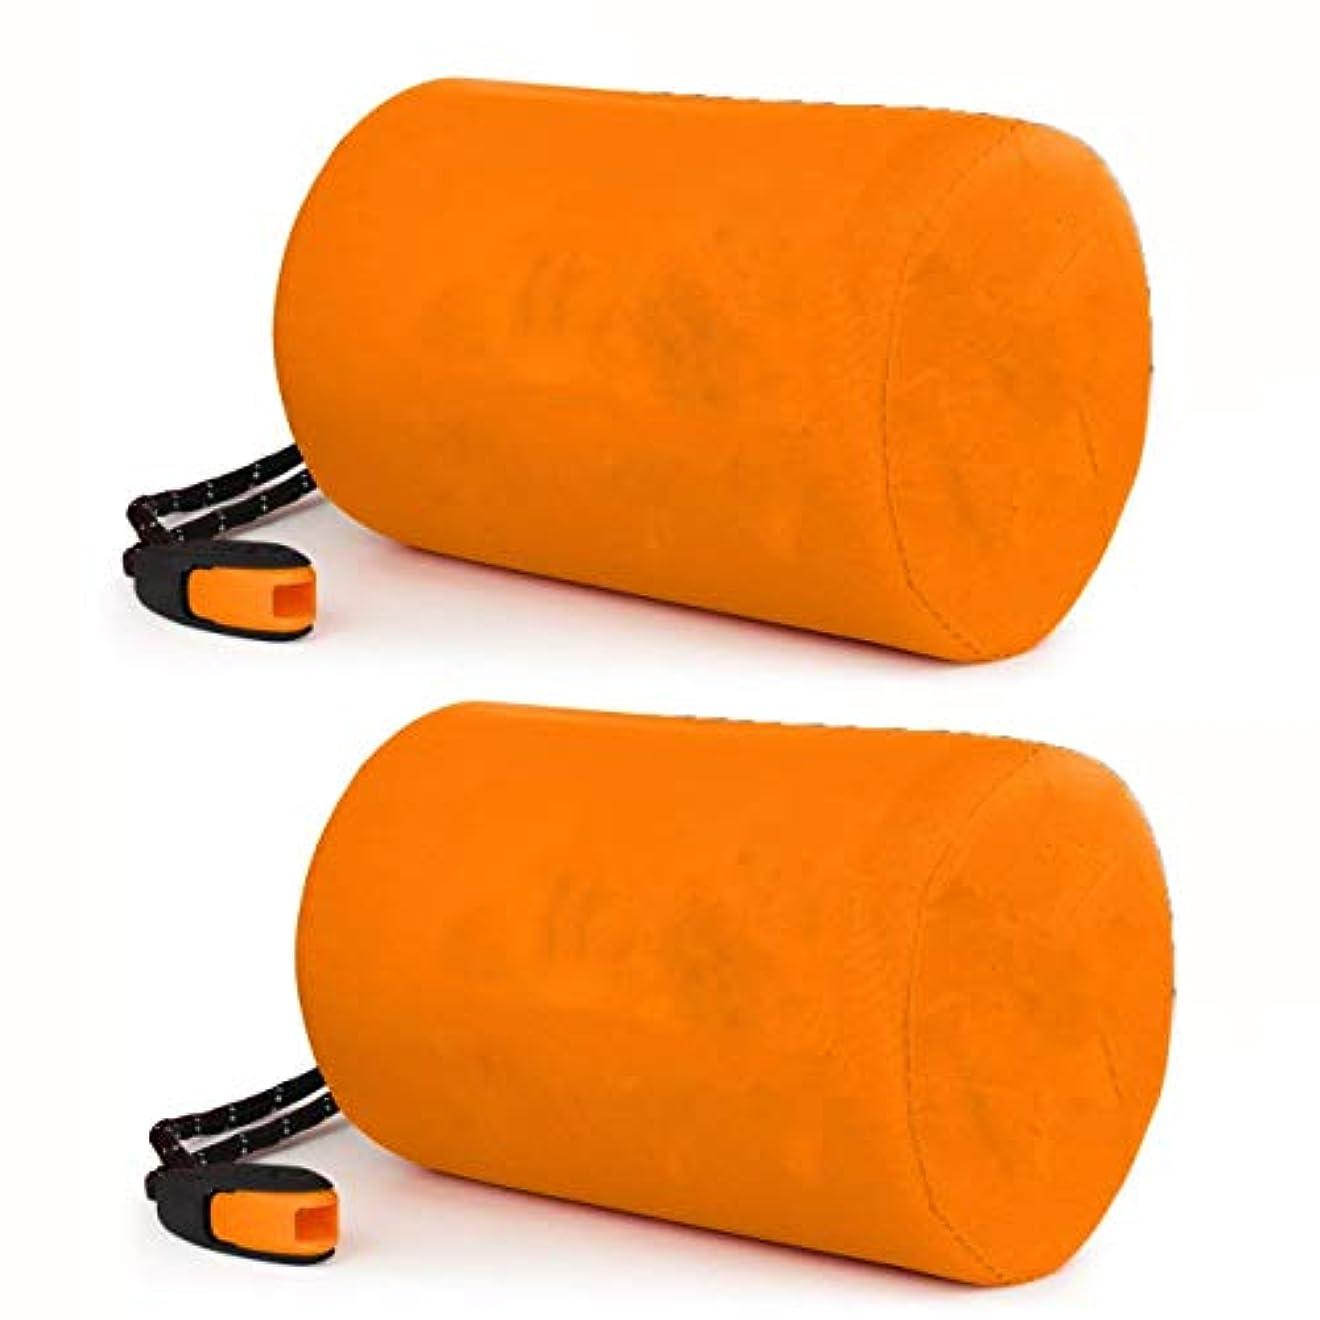 郊外辛なテクスチャー緊急寝袋、防水軽量サーマルビビーサック - サバイバルブランケットバッグポータブルナイロンサックキャンプ、ハイキング、アウトドアアクティビティ(2パック)